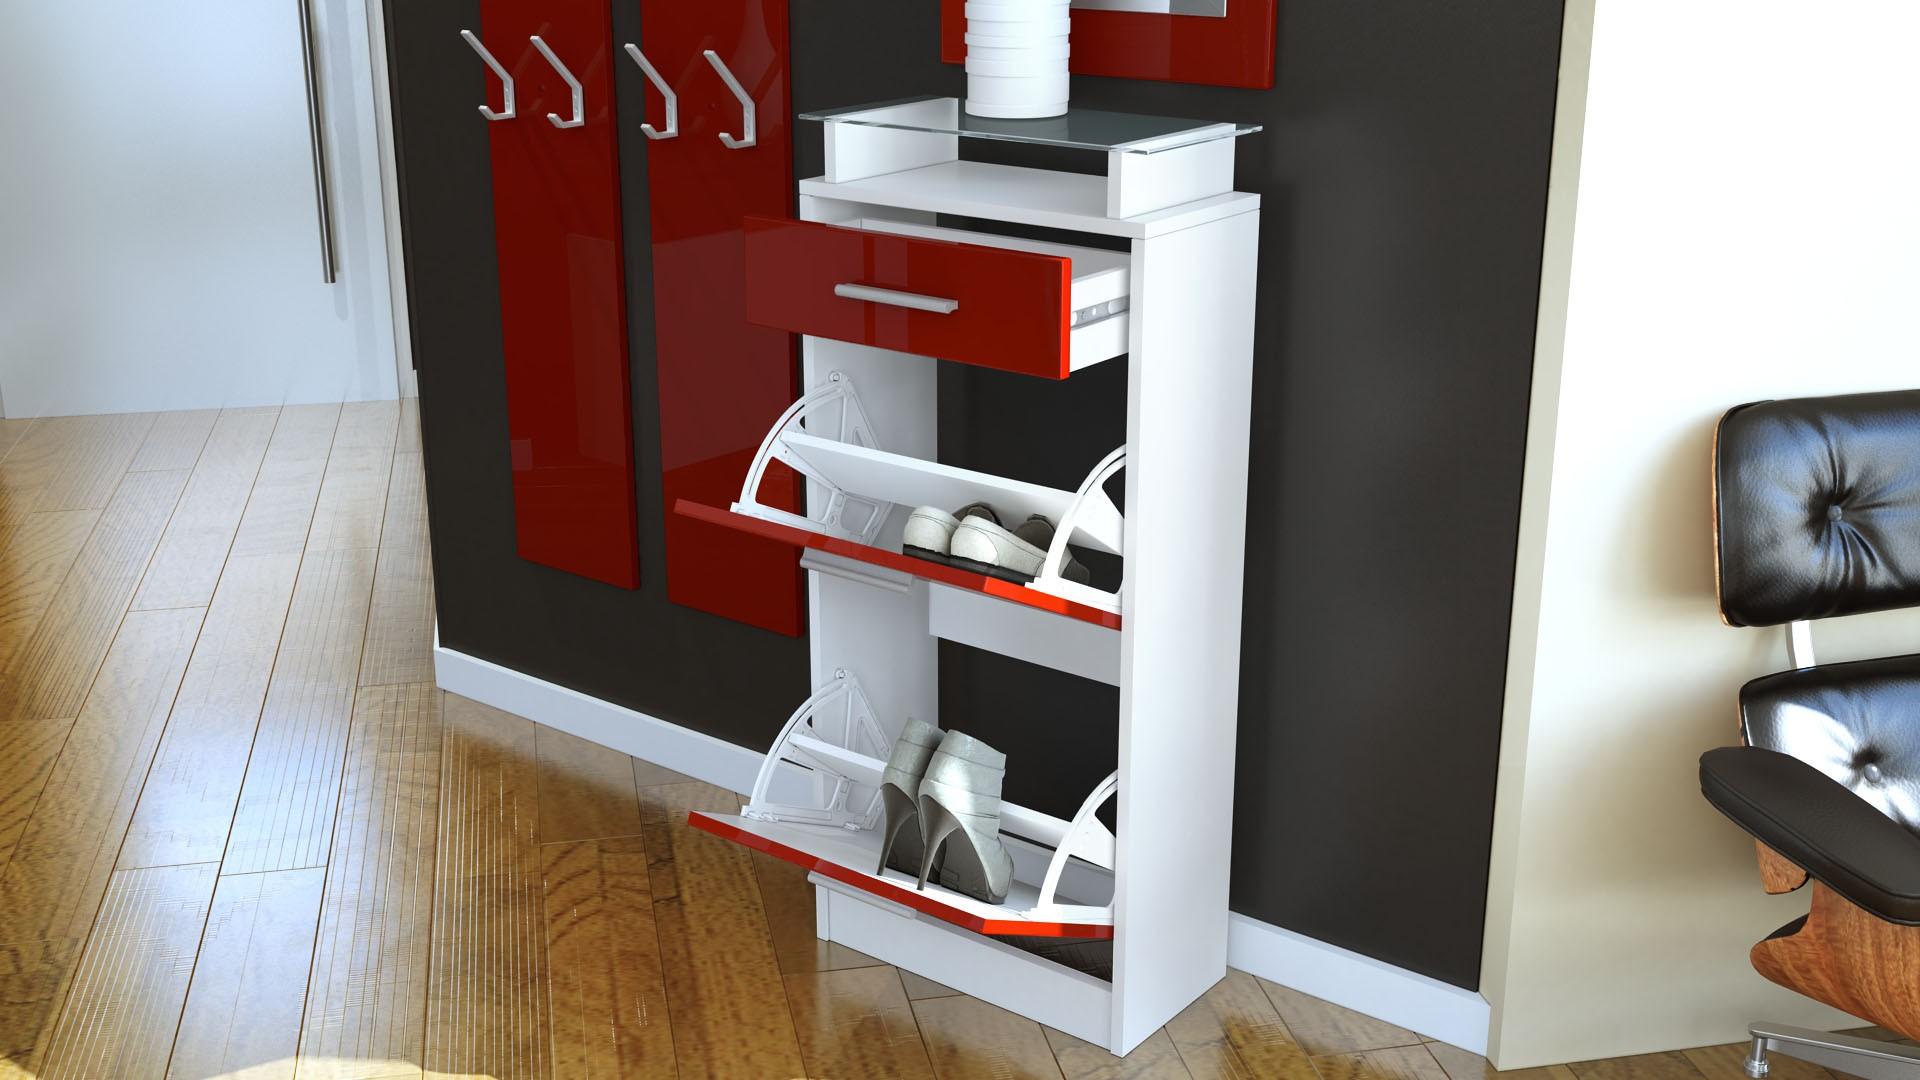 ensemble de hall d 39 entr e laqu design blanc et cr me pour meubles. Black Bedroom Furniture Sets. Home Design Ideas